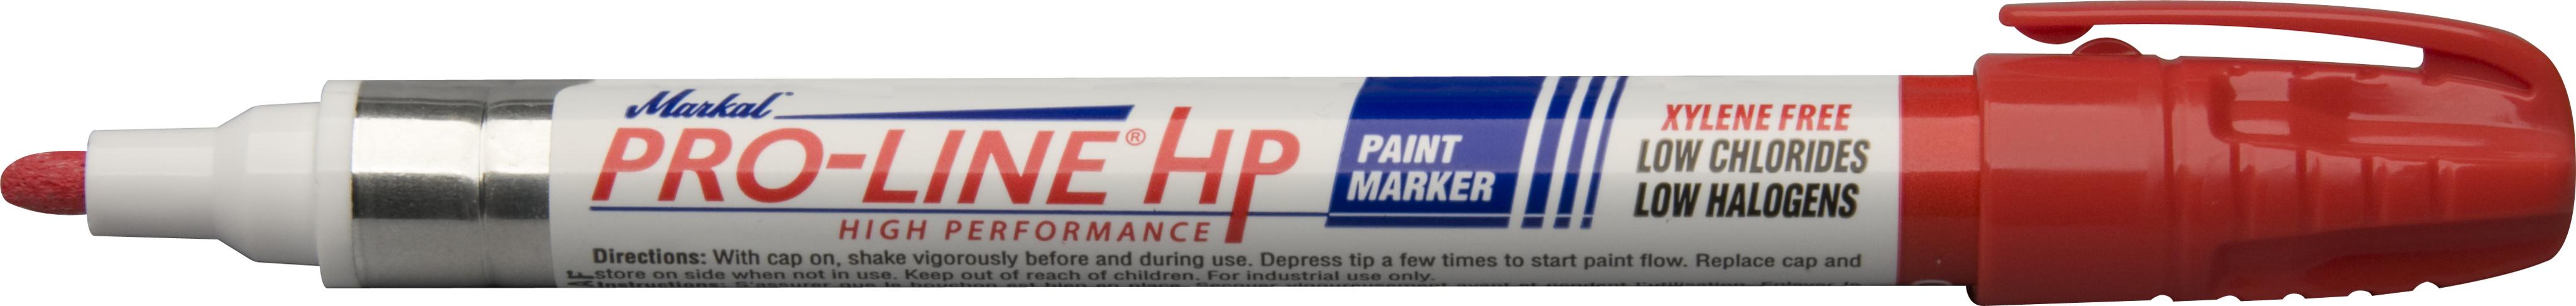 Markal Pro Line HP Paint Marker - Silver